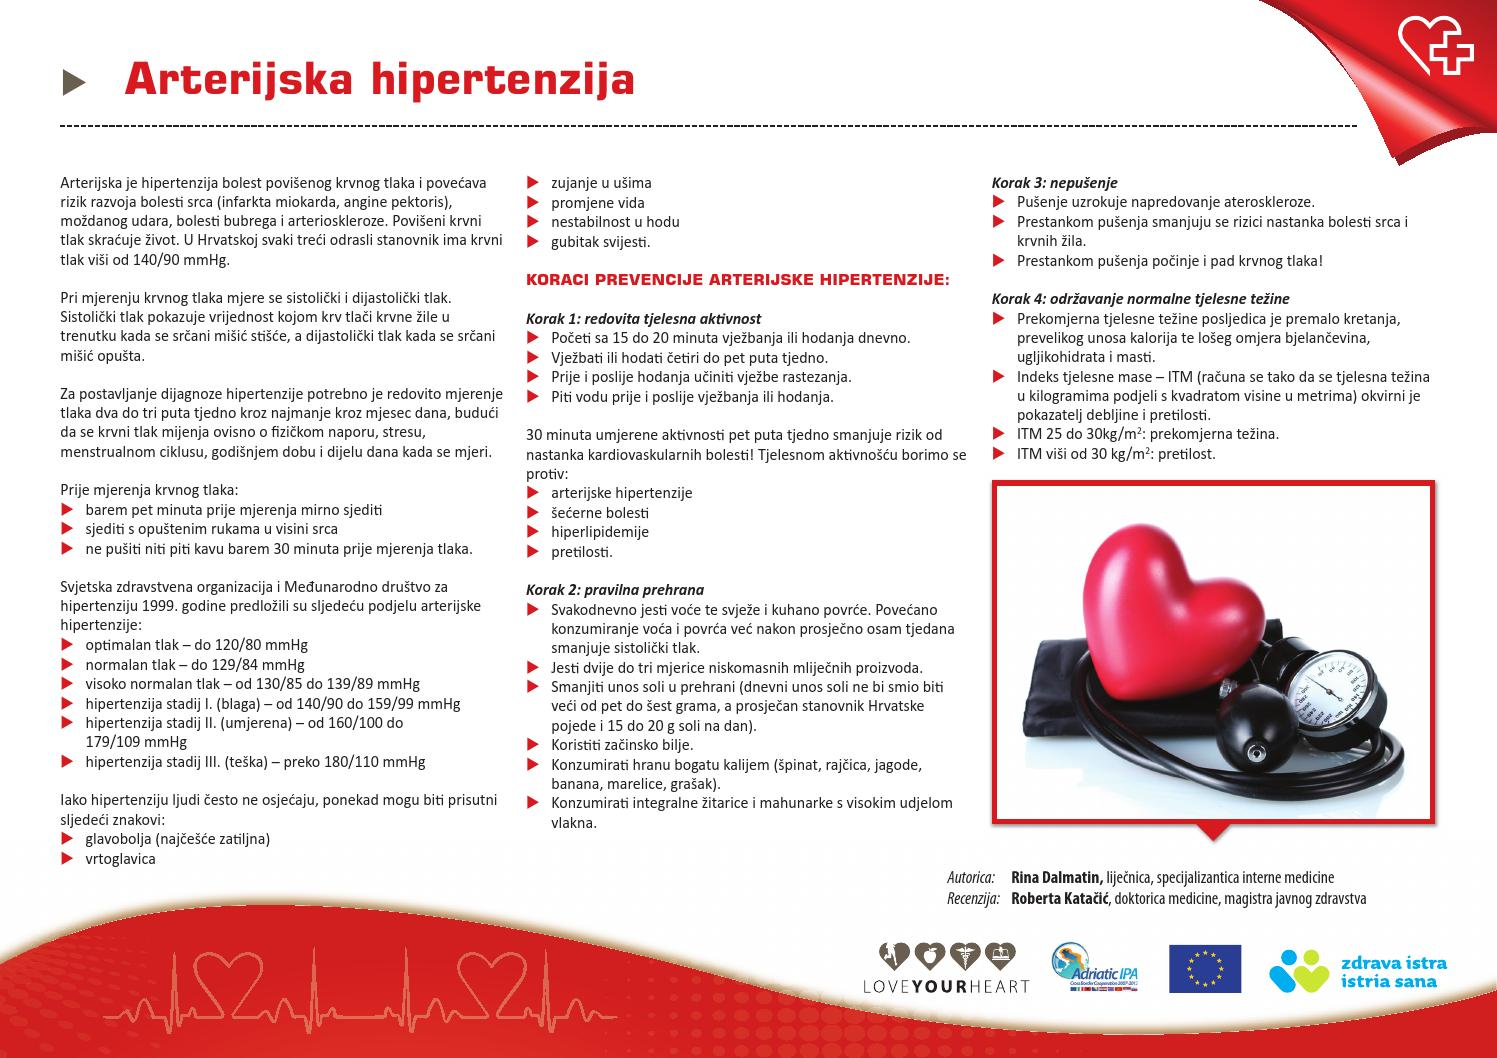 hipertenzije hipertenzije